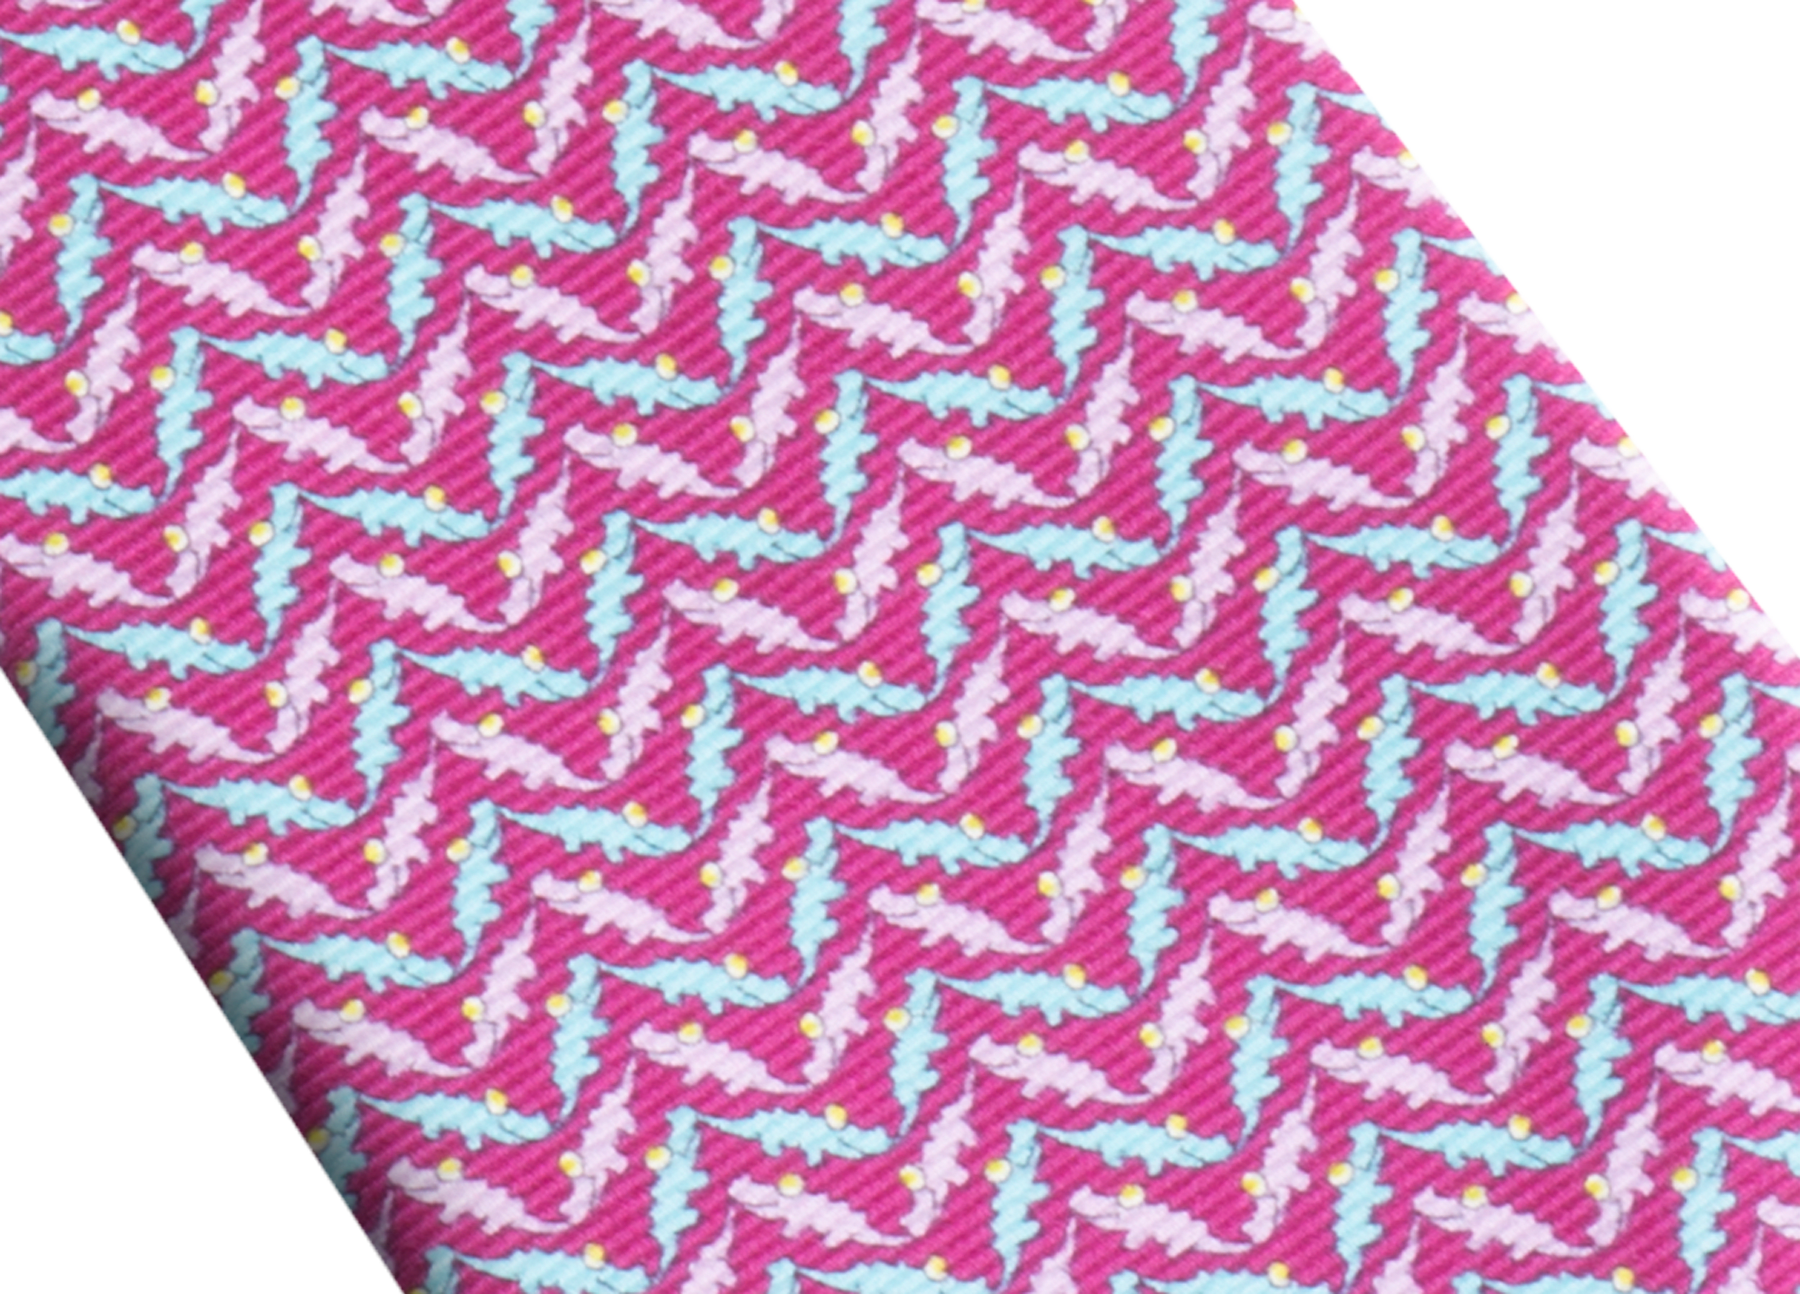 """Siebenfach gefaltete violette Krawatte mit """"Cocco Chevron""""-Muster aus feiner, bedruckter Saglione-Seide. 244093 image 2"""